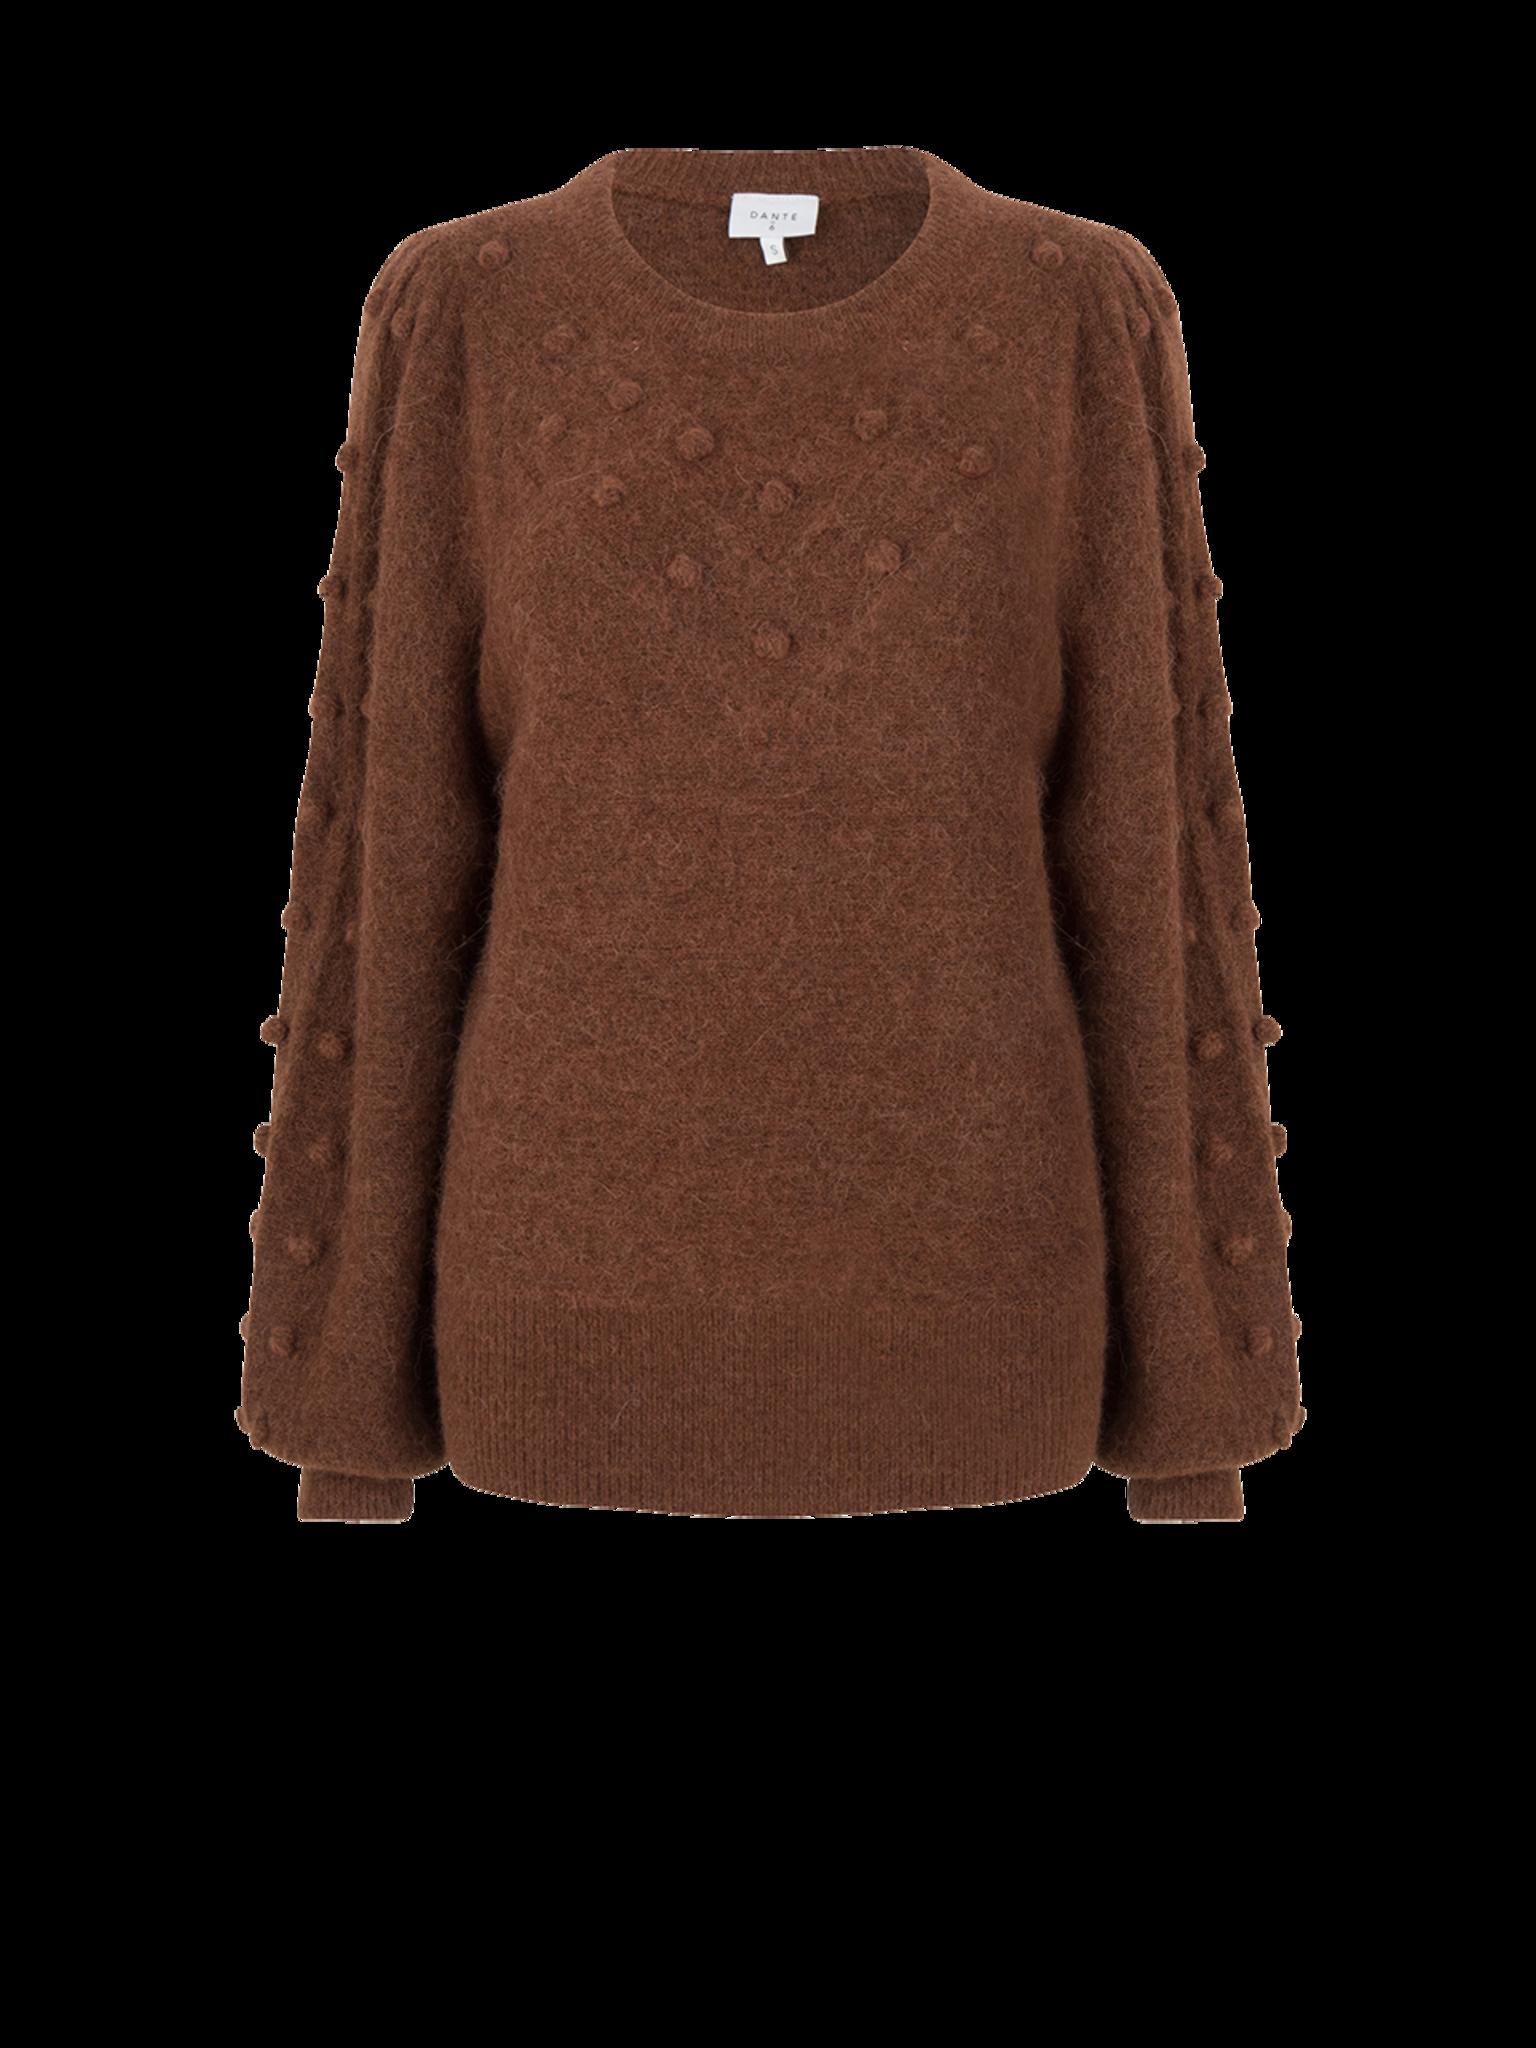 Dante 6 sweater 204404 ELOMI-1